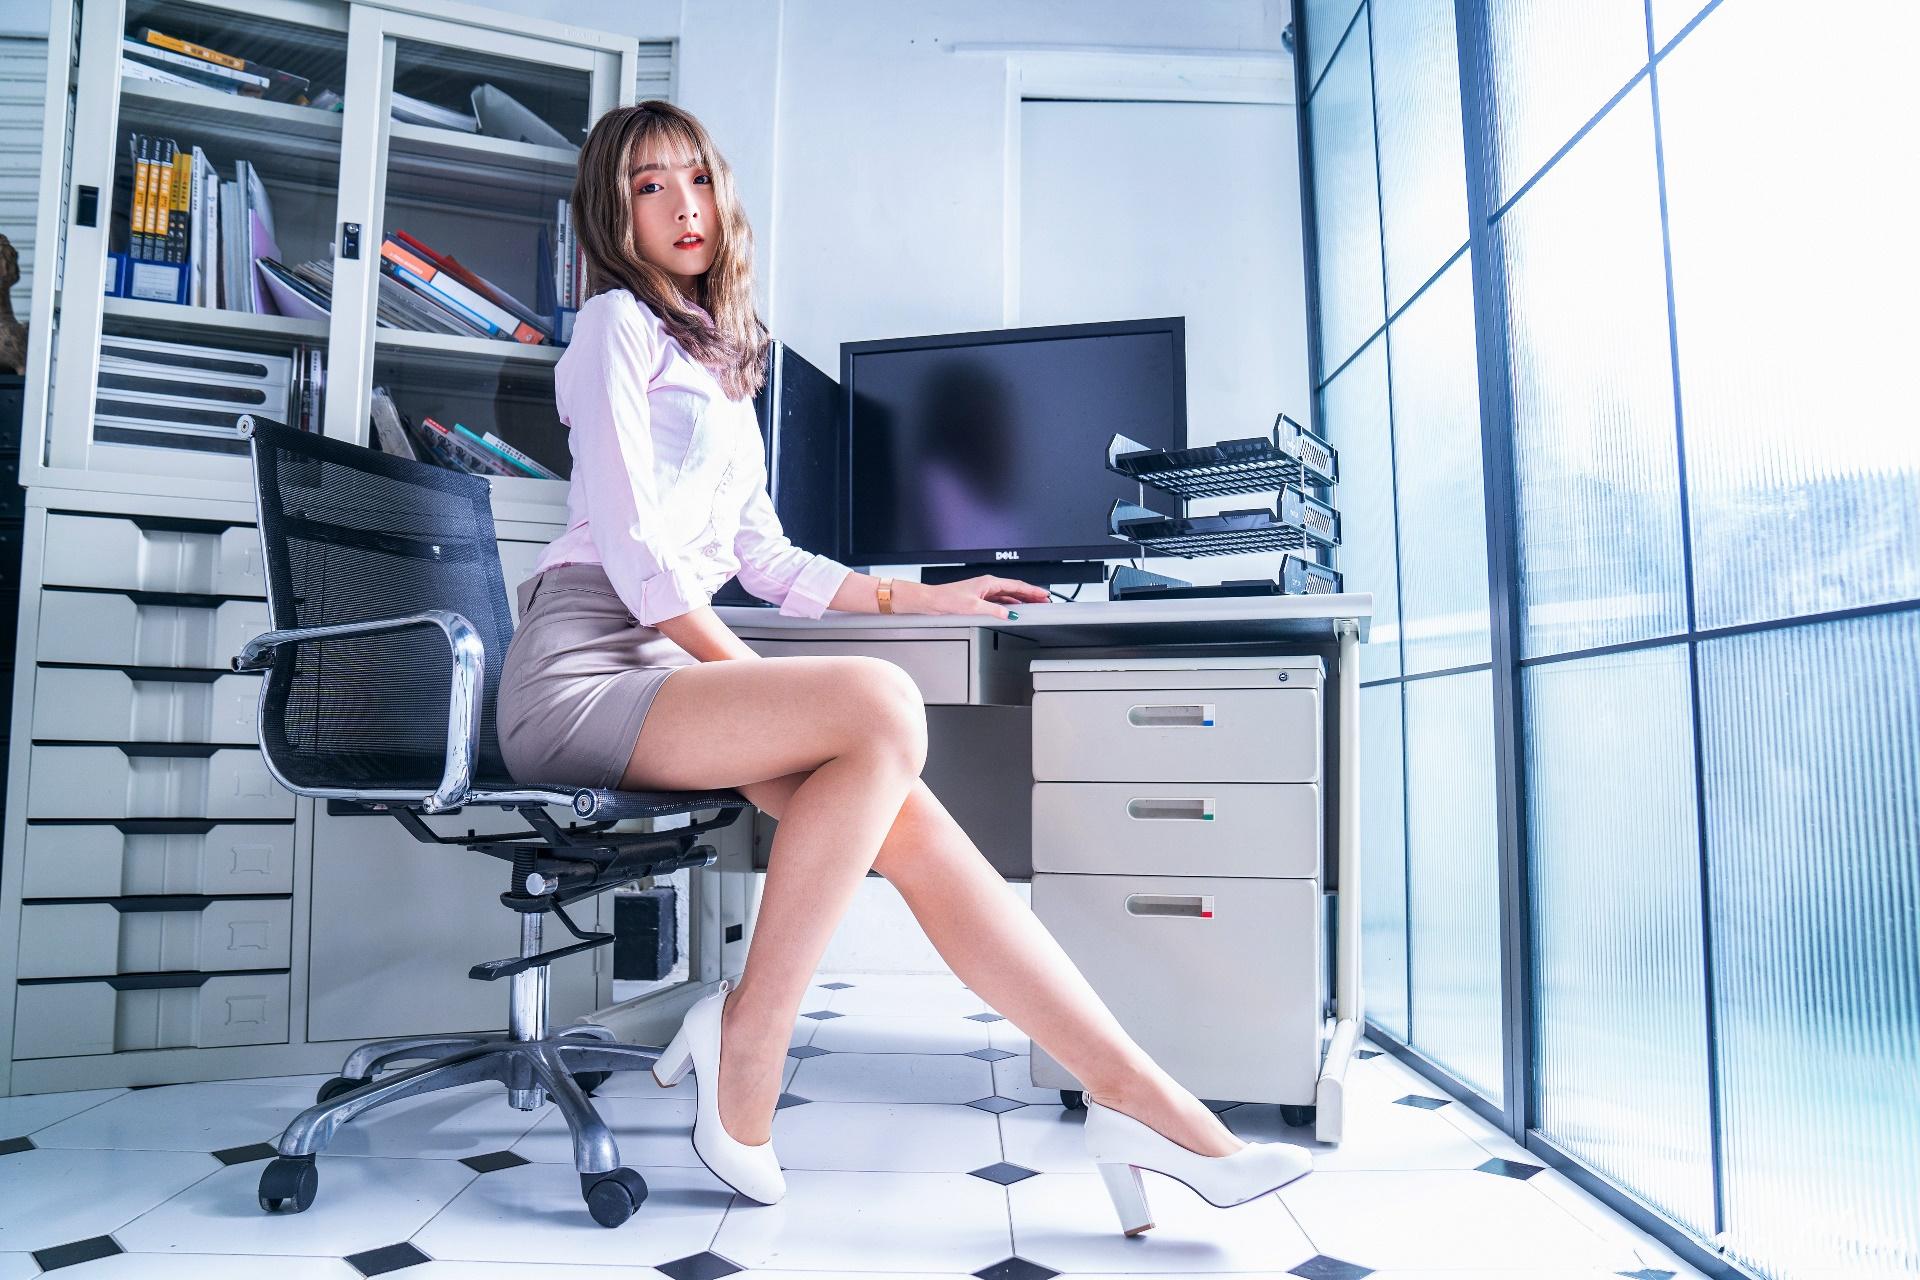 не видно картинки в офисе отличие ликвидации